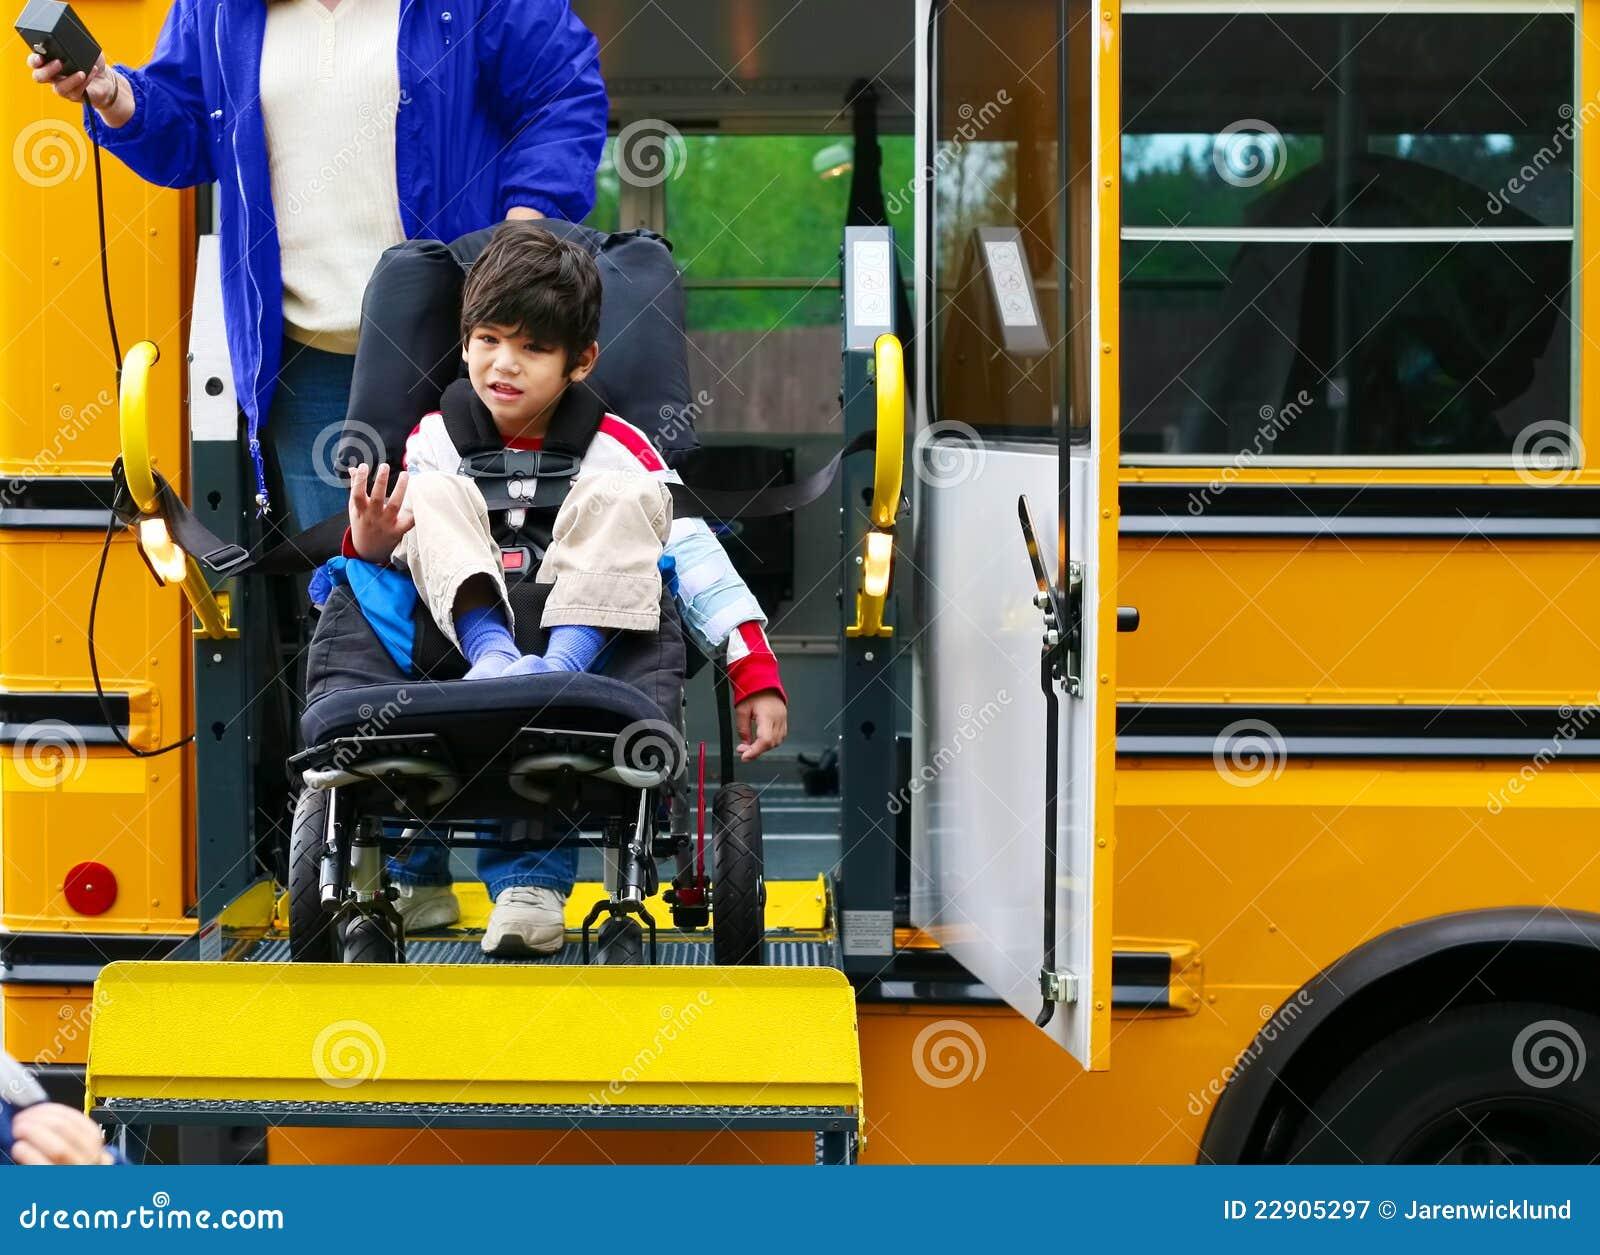 男孩公共汽车残疾增强轮椅